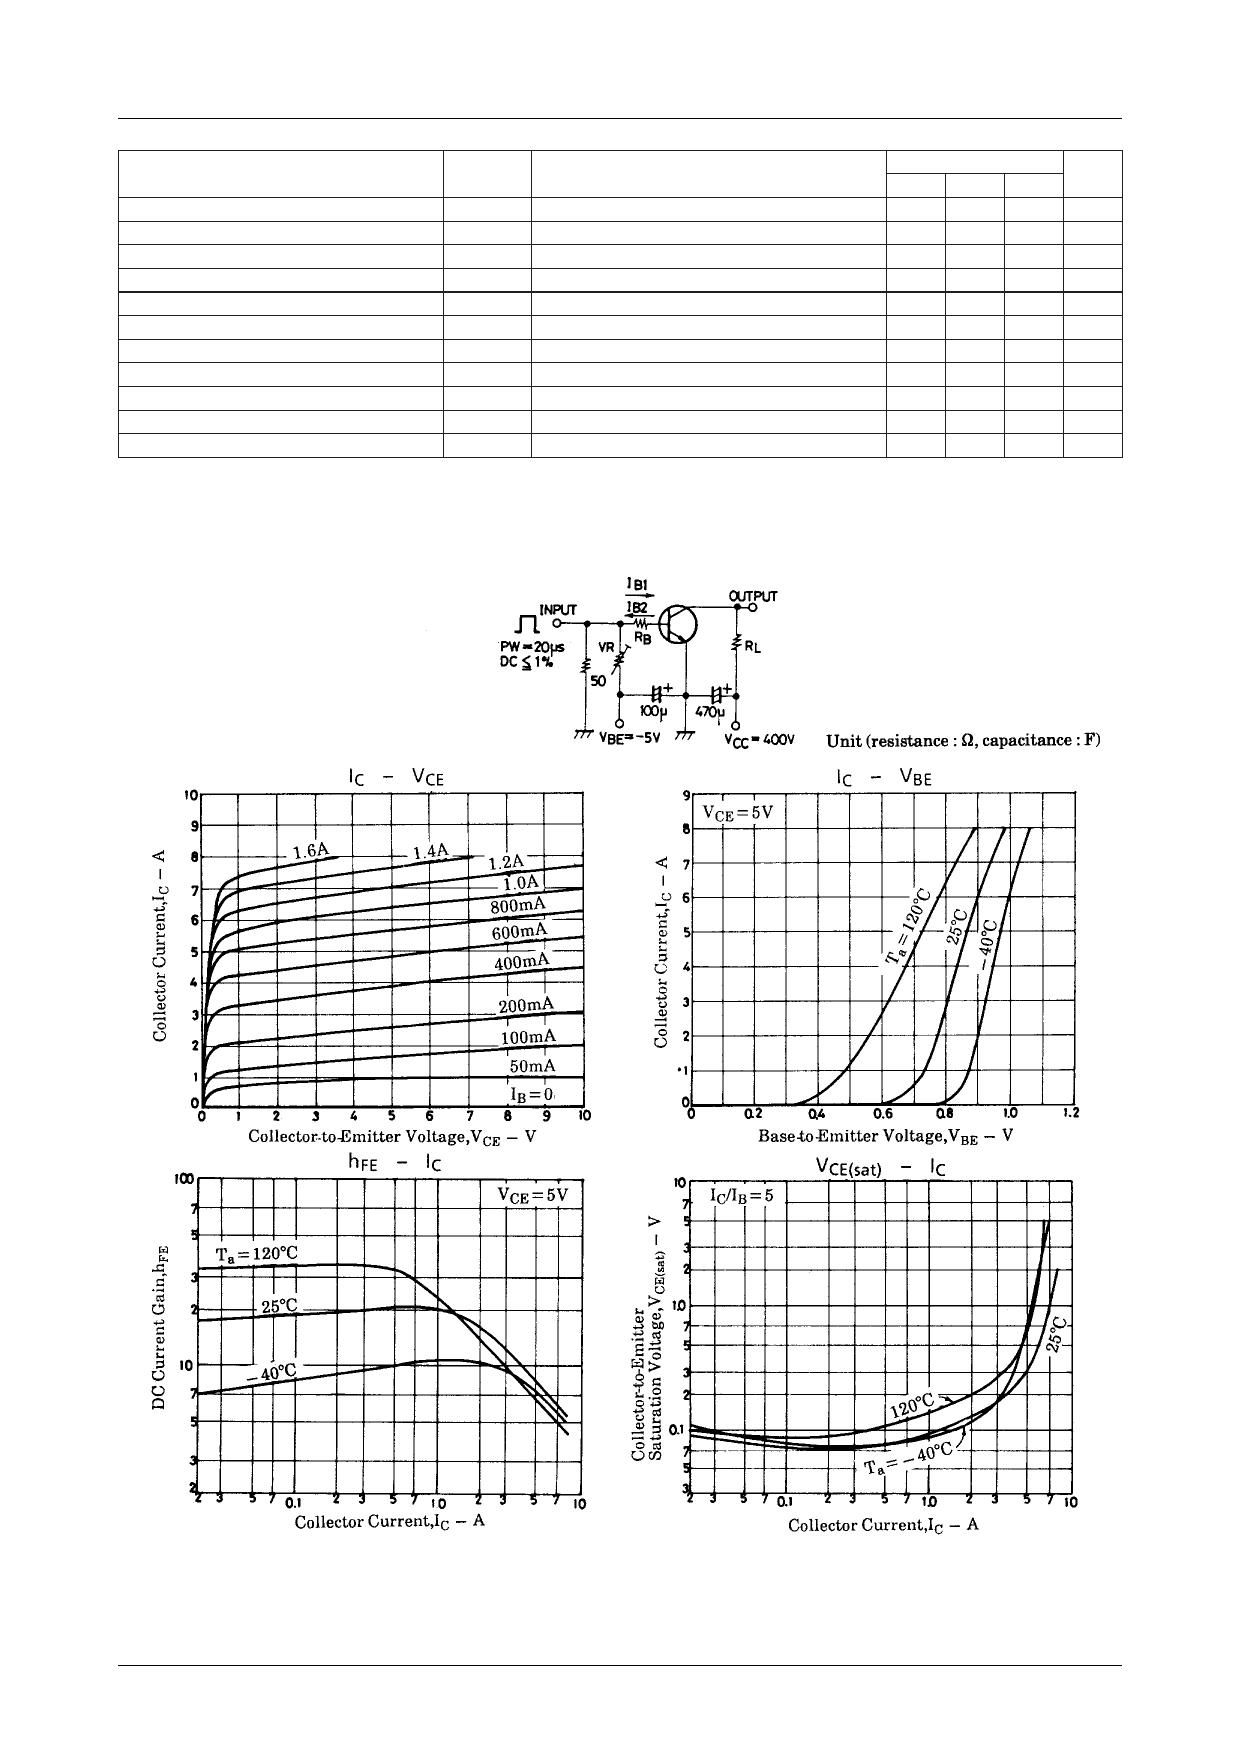 C4429 pdf, schematic